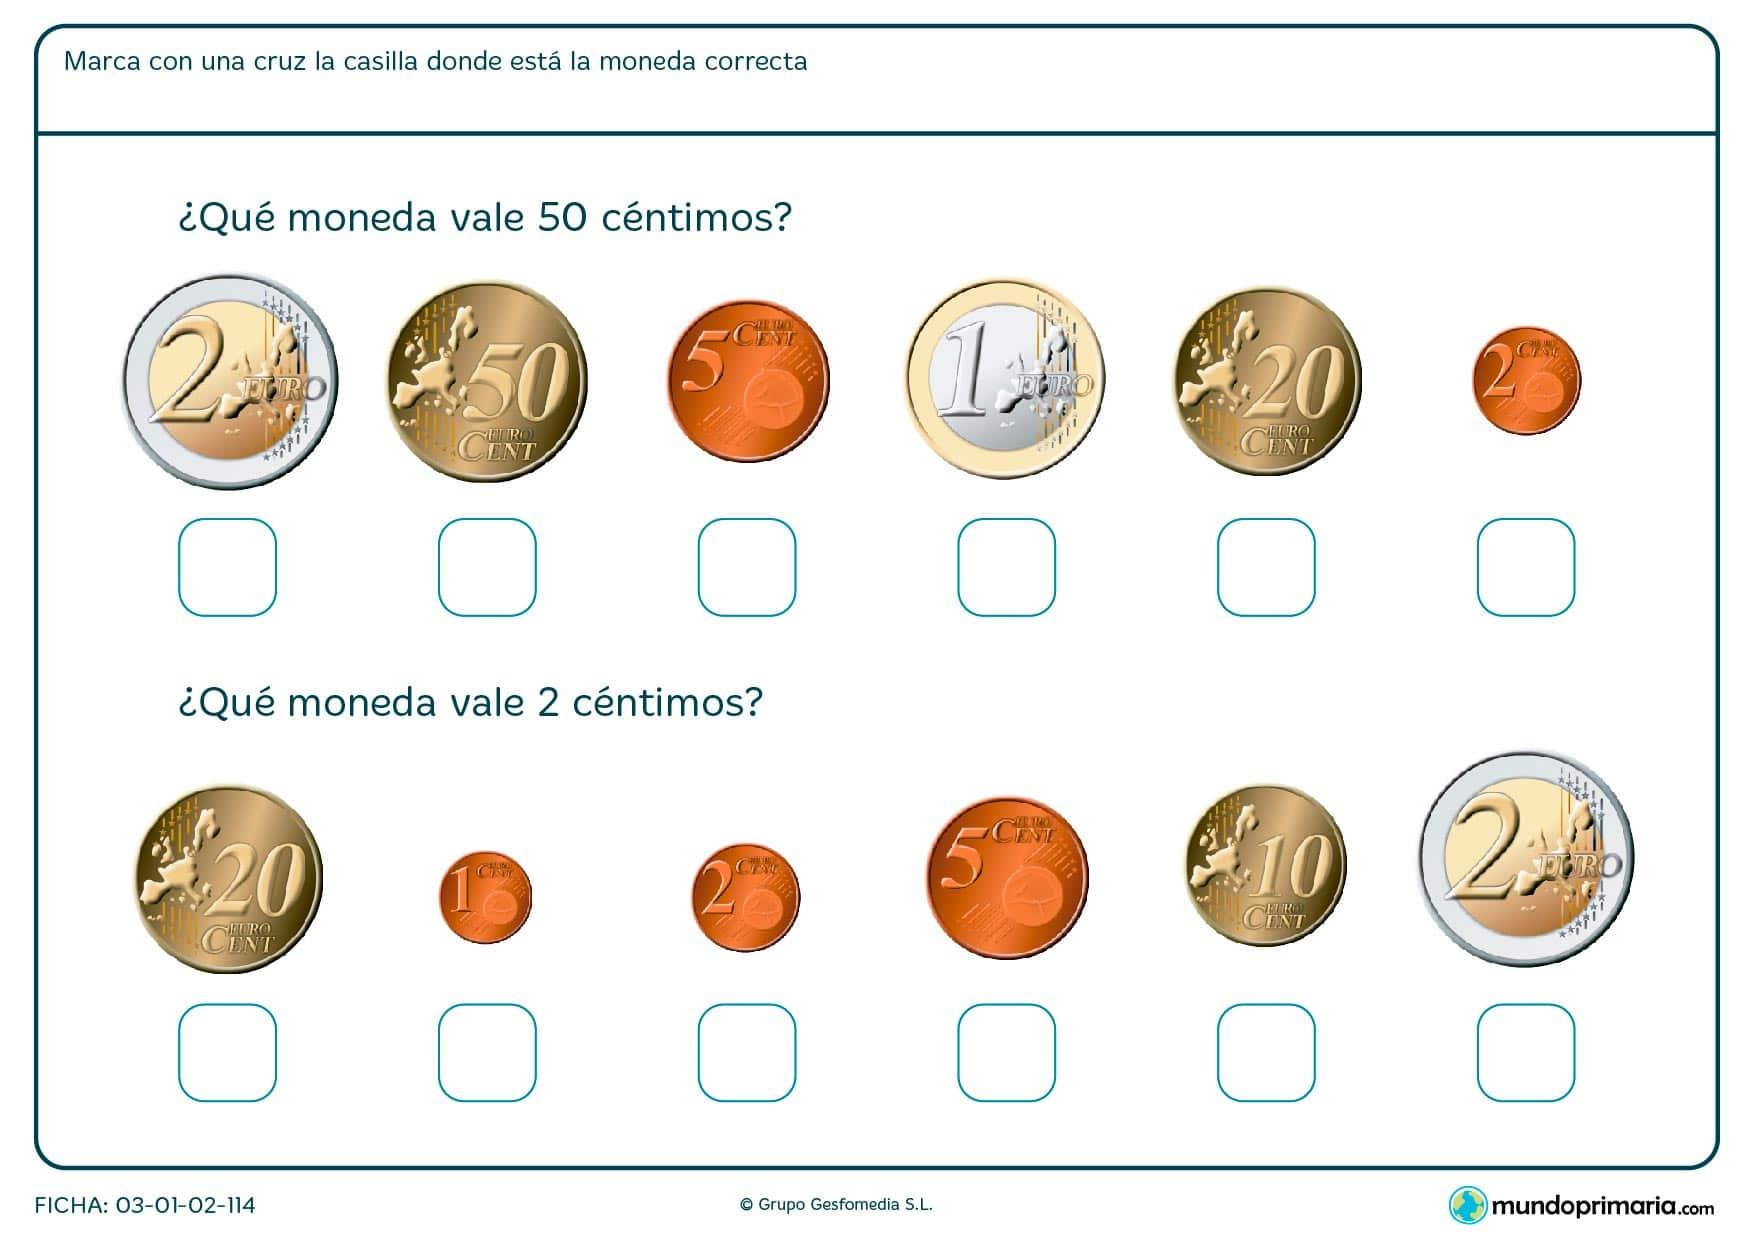 Ficha de monedas de 50 céntimos y 2 céntimos, búscalas y márcalas con una x.